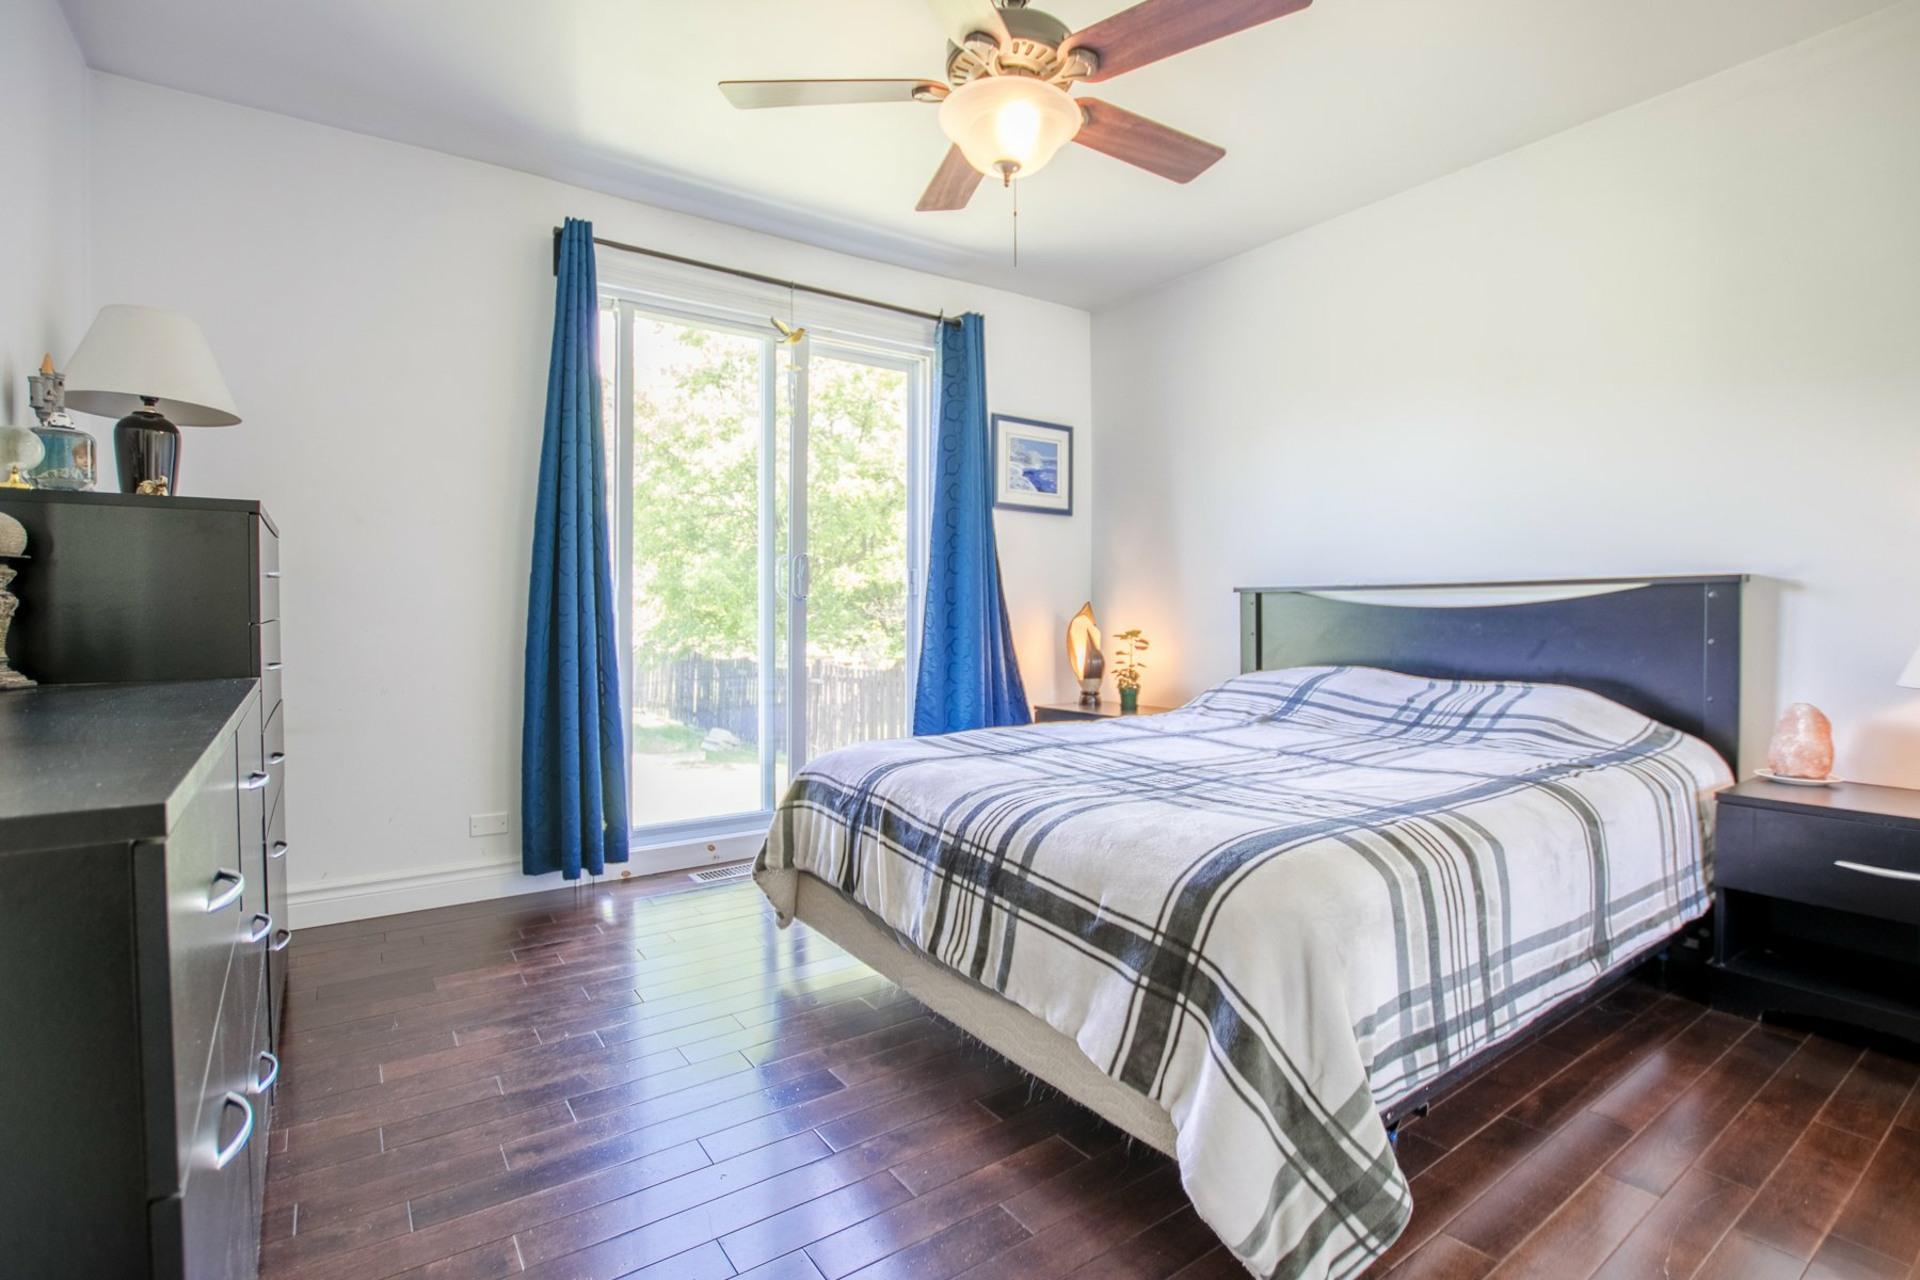 image 10 - MX - Casa sola - MX En venta Léry - 8 habitaciones